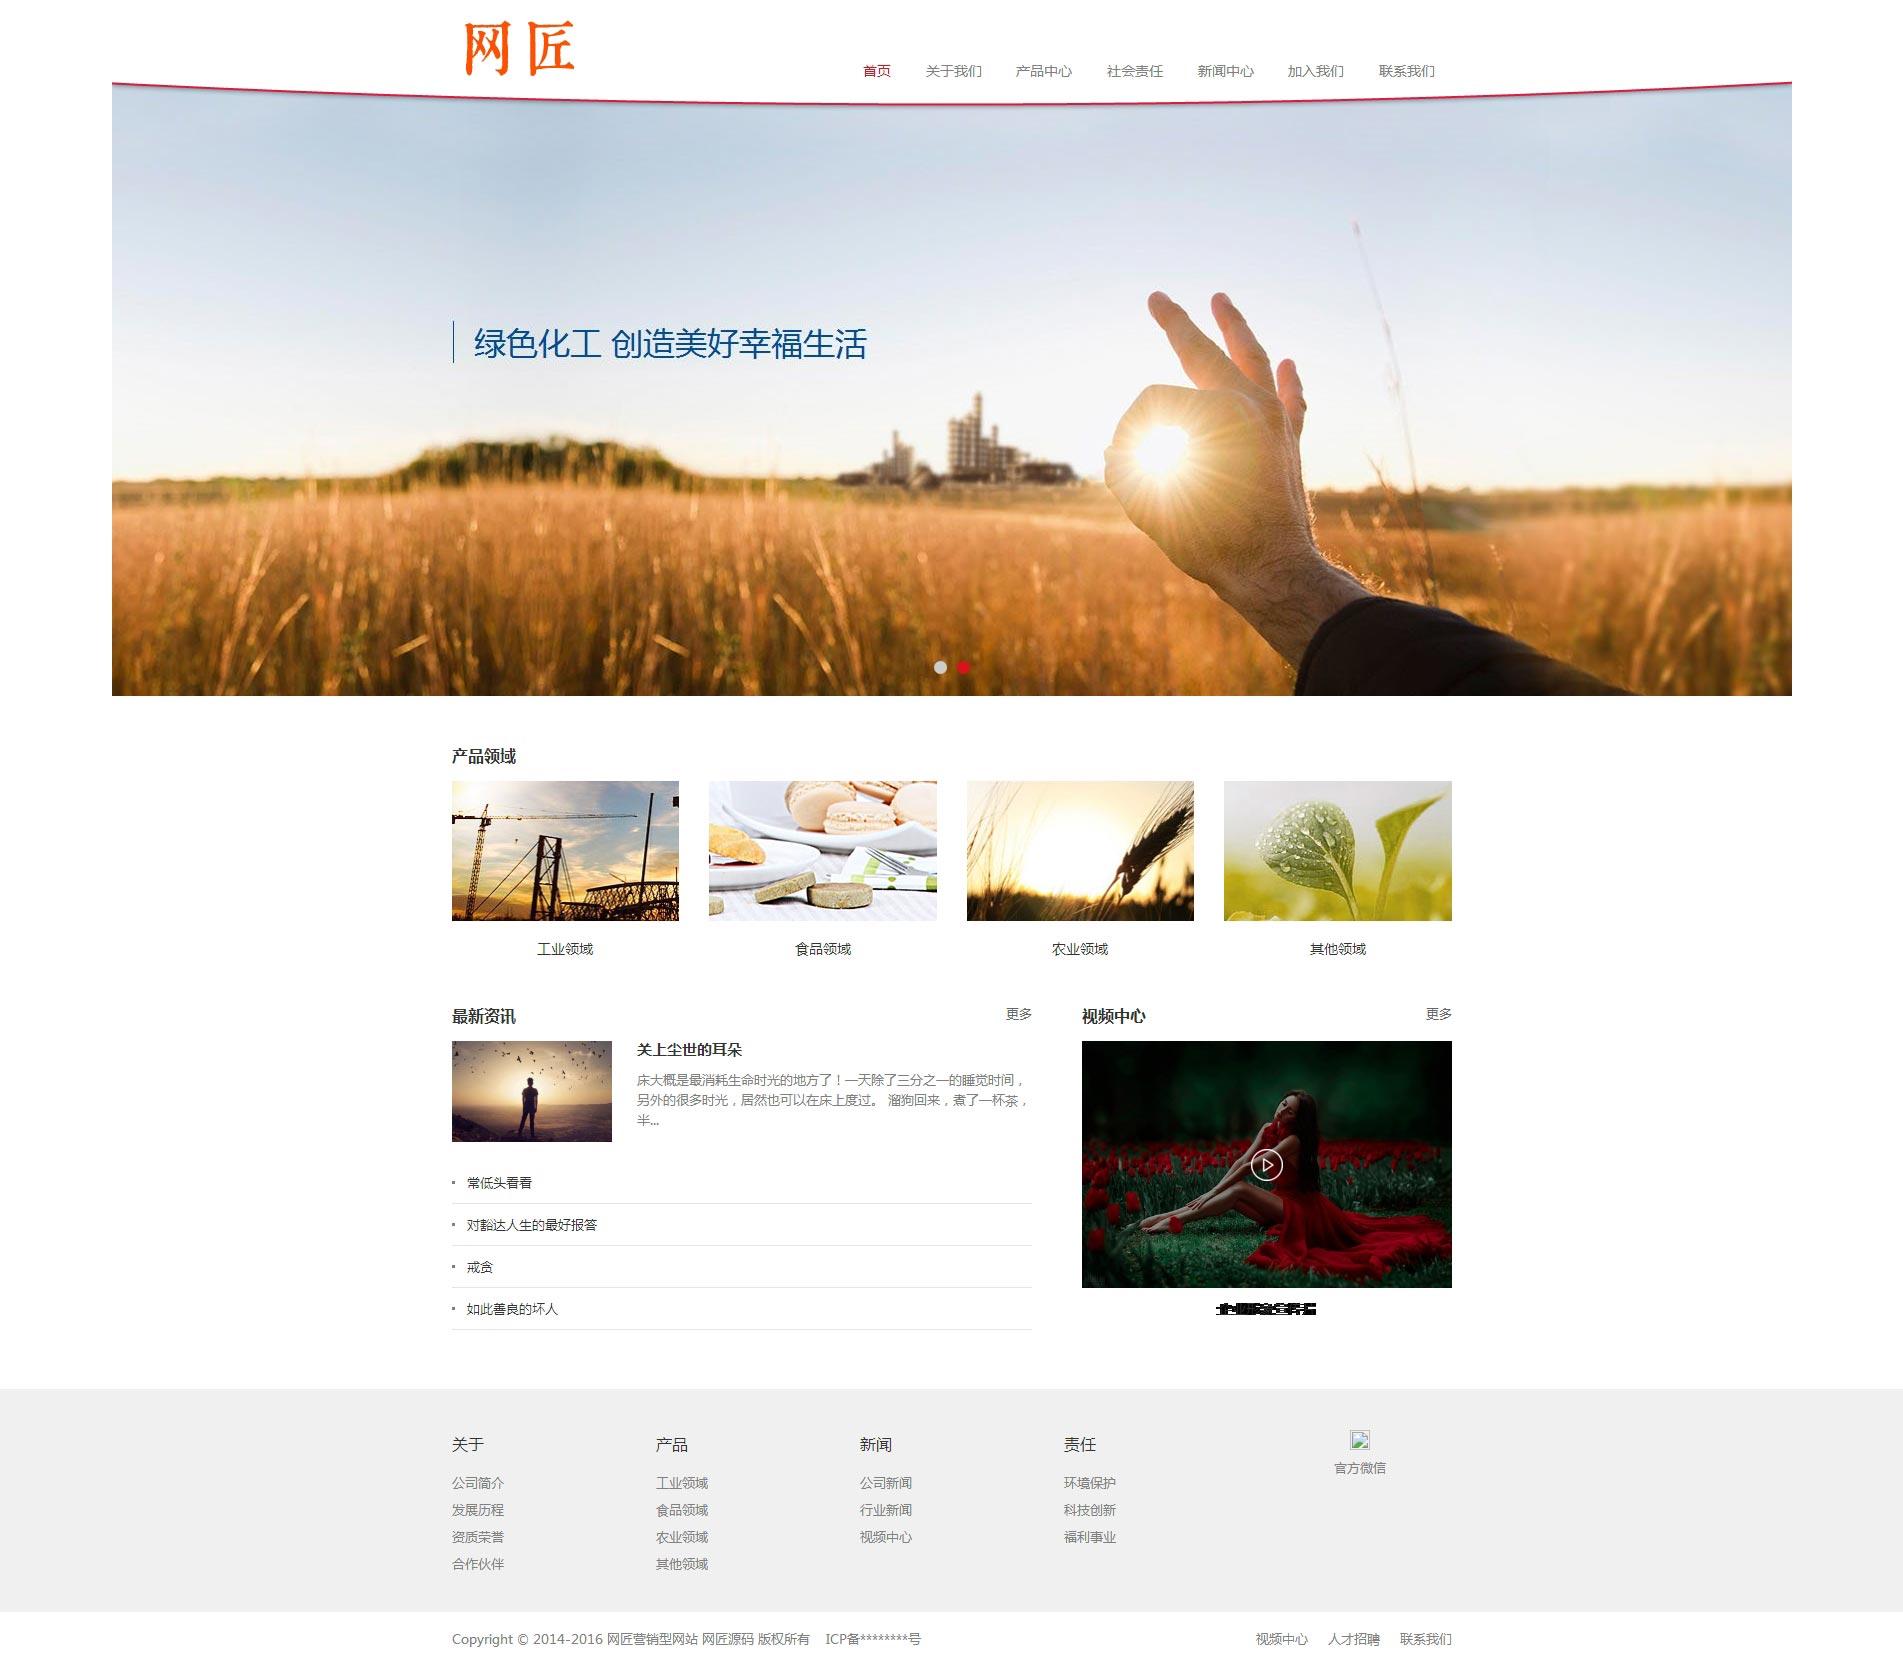 化工行业营销网站客户案例033